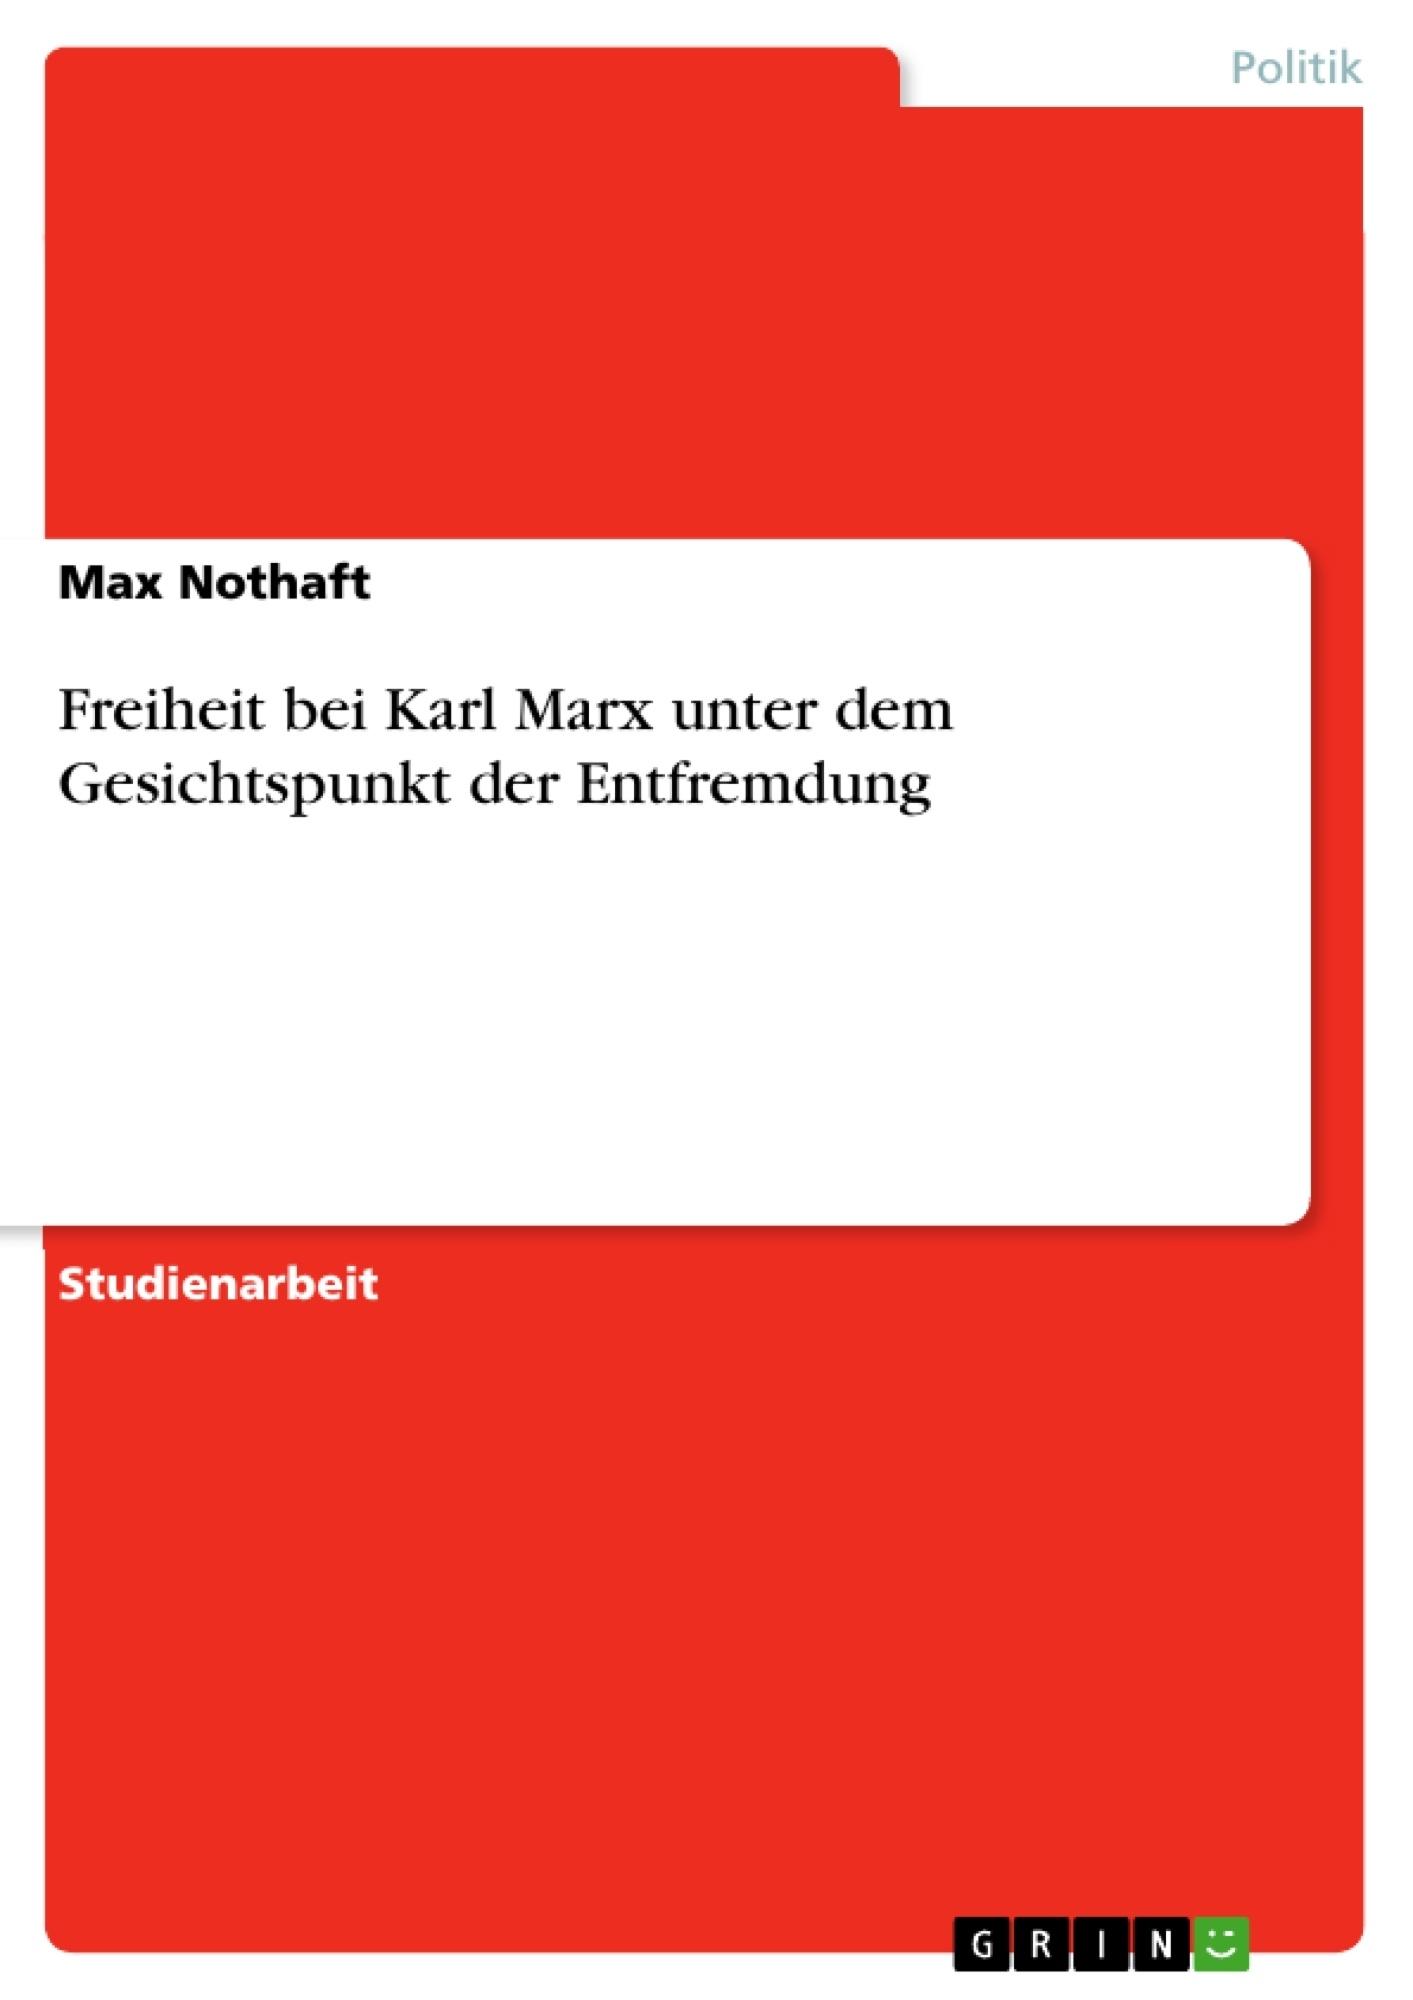 Titel: Freiheit bei Karl Marx unter dem Gesichtspunkt der Entfremdung